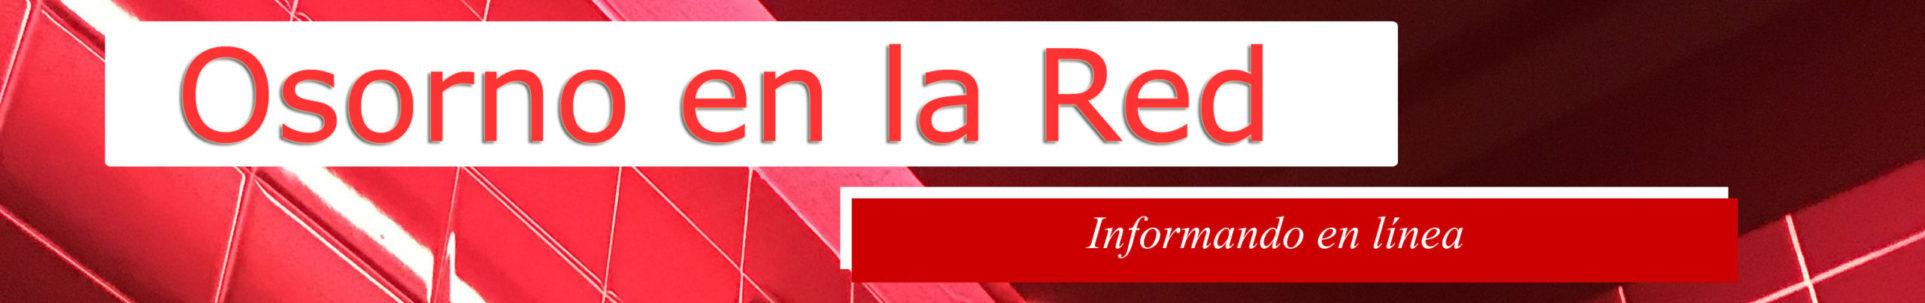 Osorno en la Red